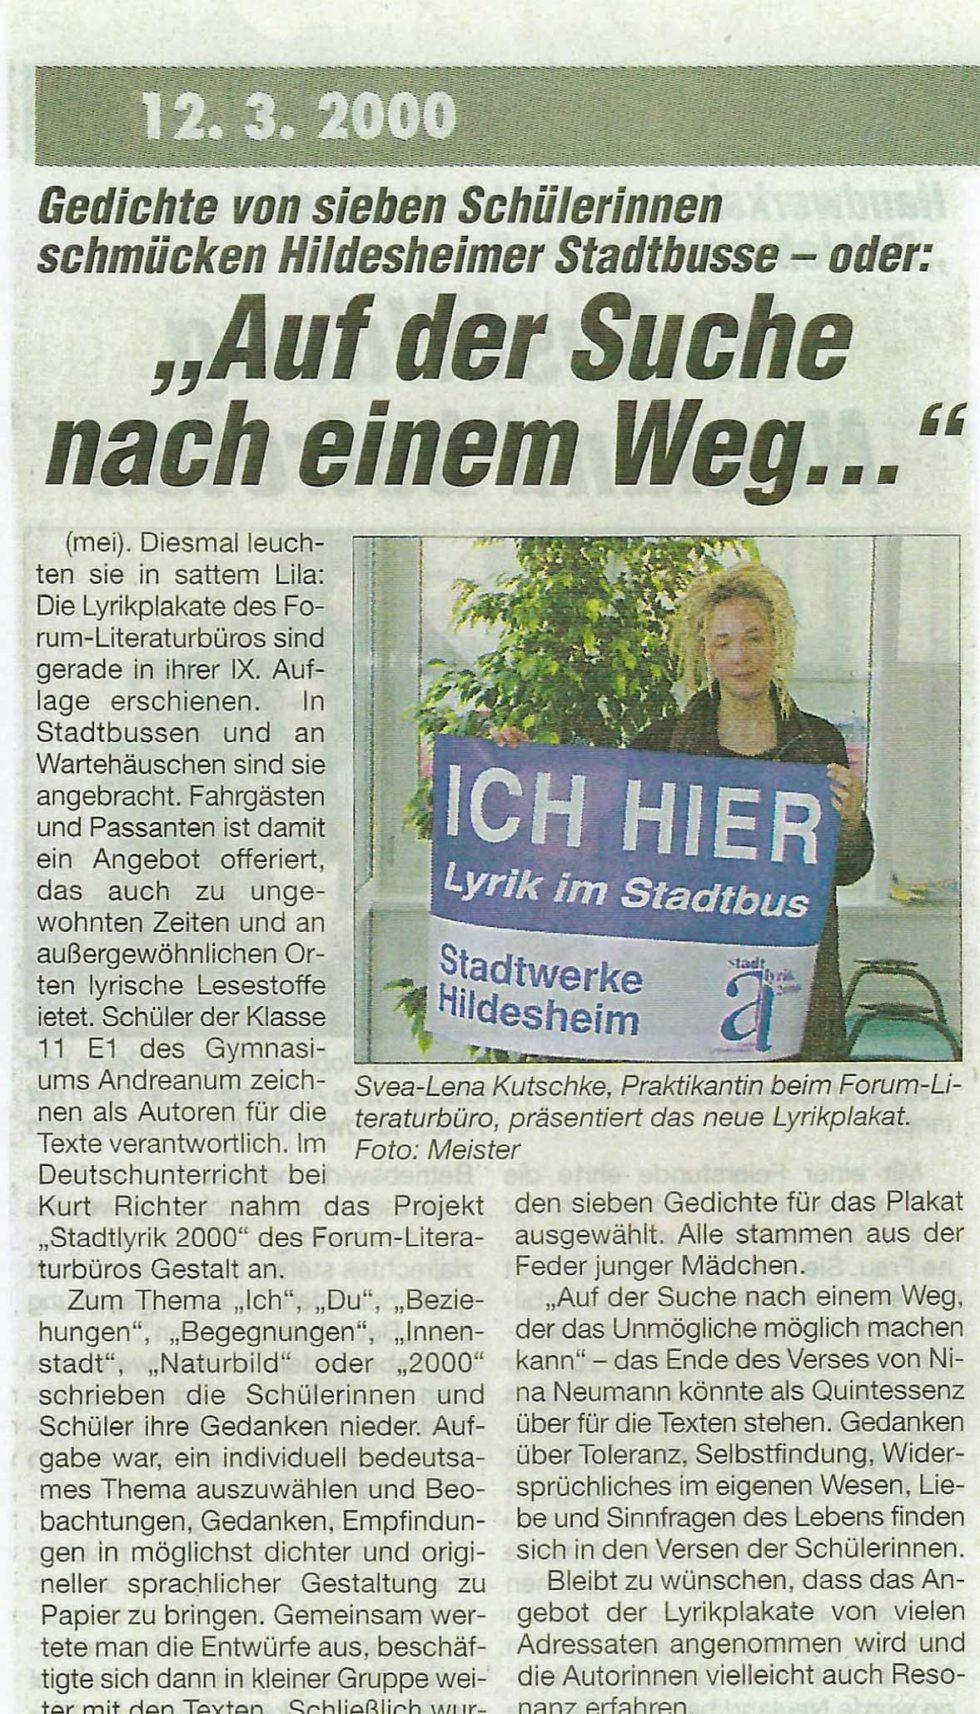 Schulprojekt2000_Kehrwieder